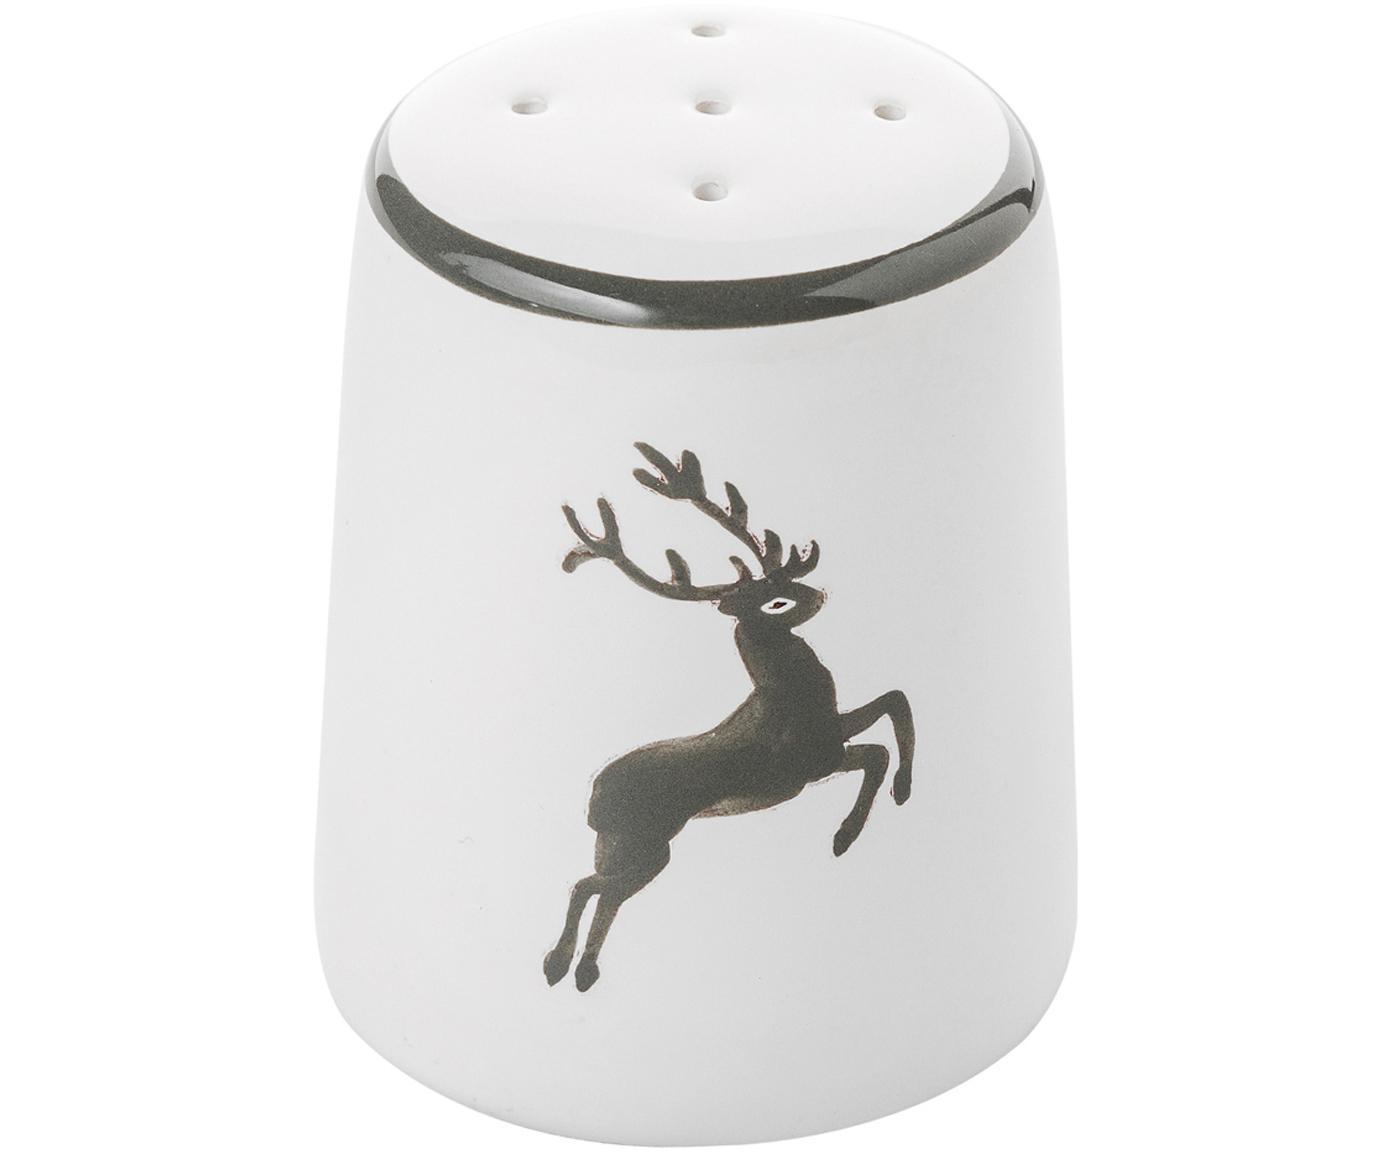 Saliera con cervo Classic, Ceramica, Grigio, bianco, Alt. 4 cm